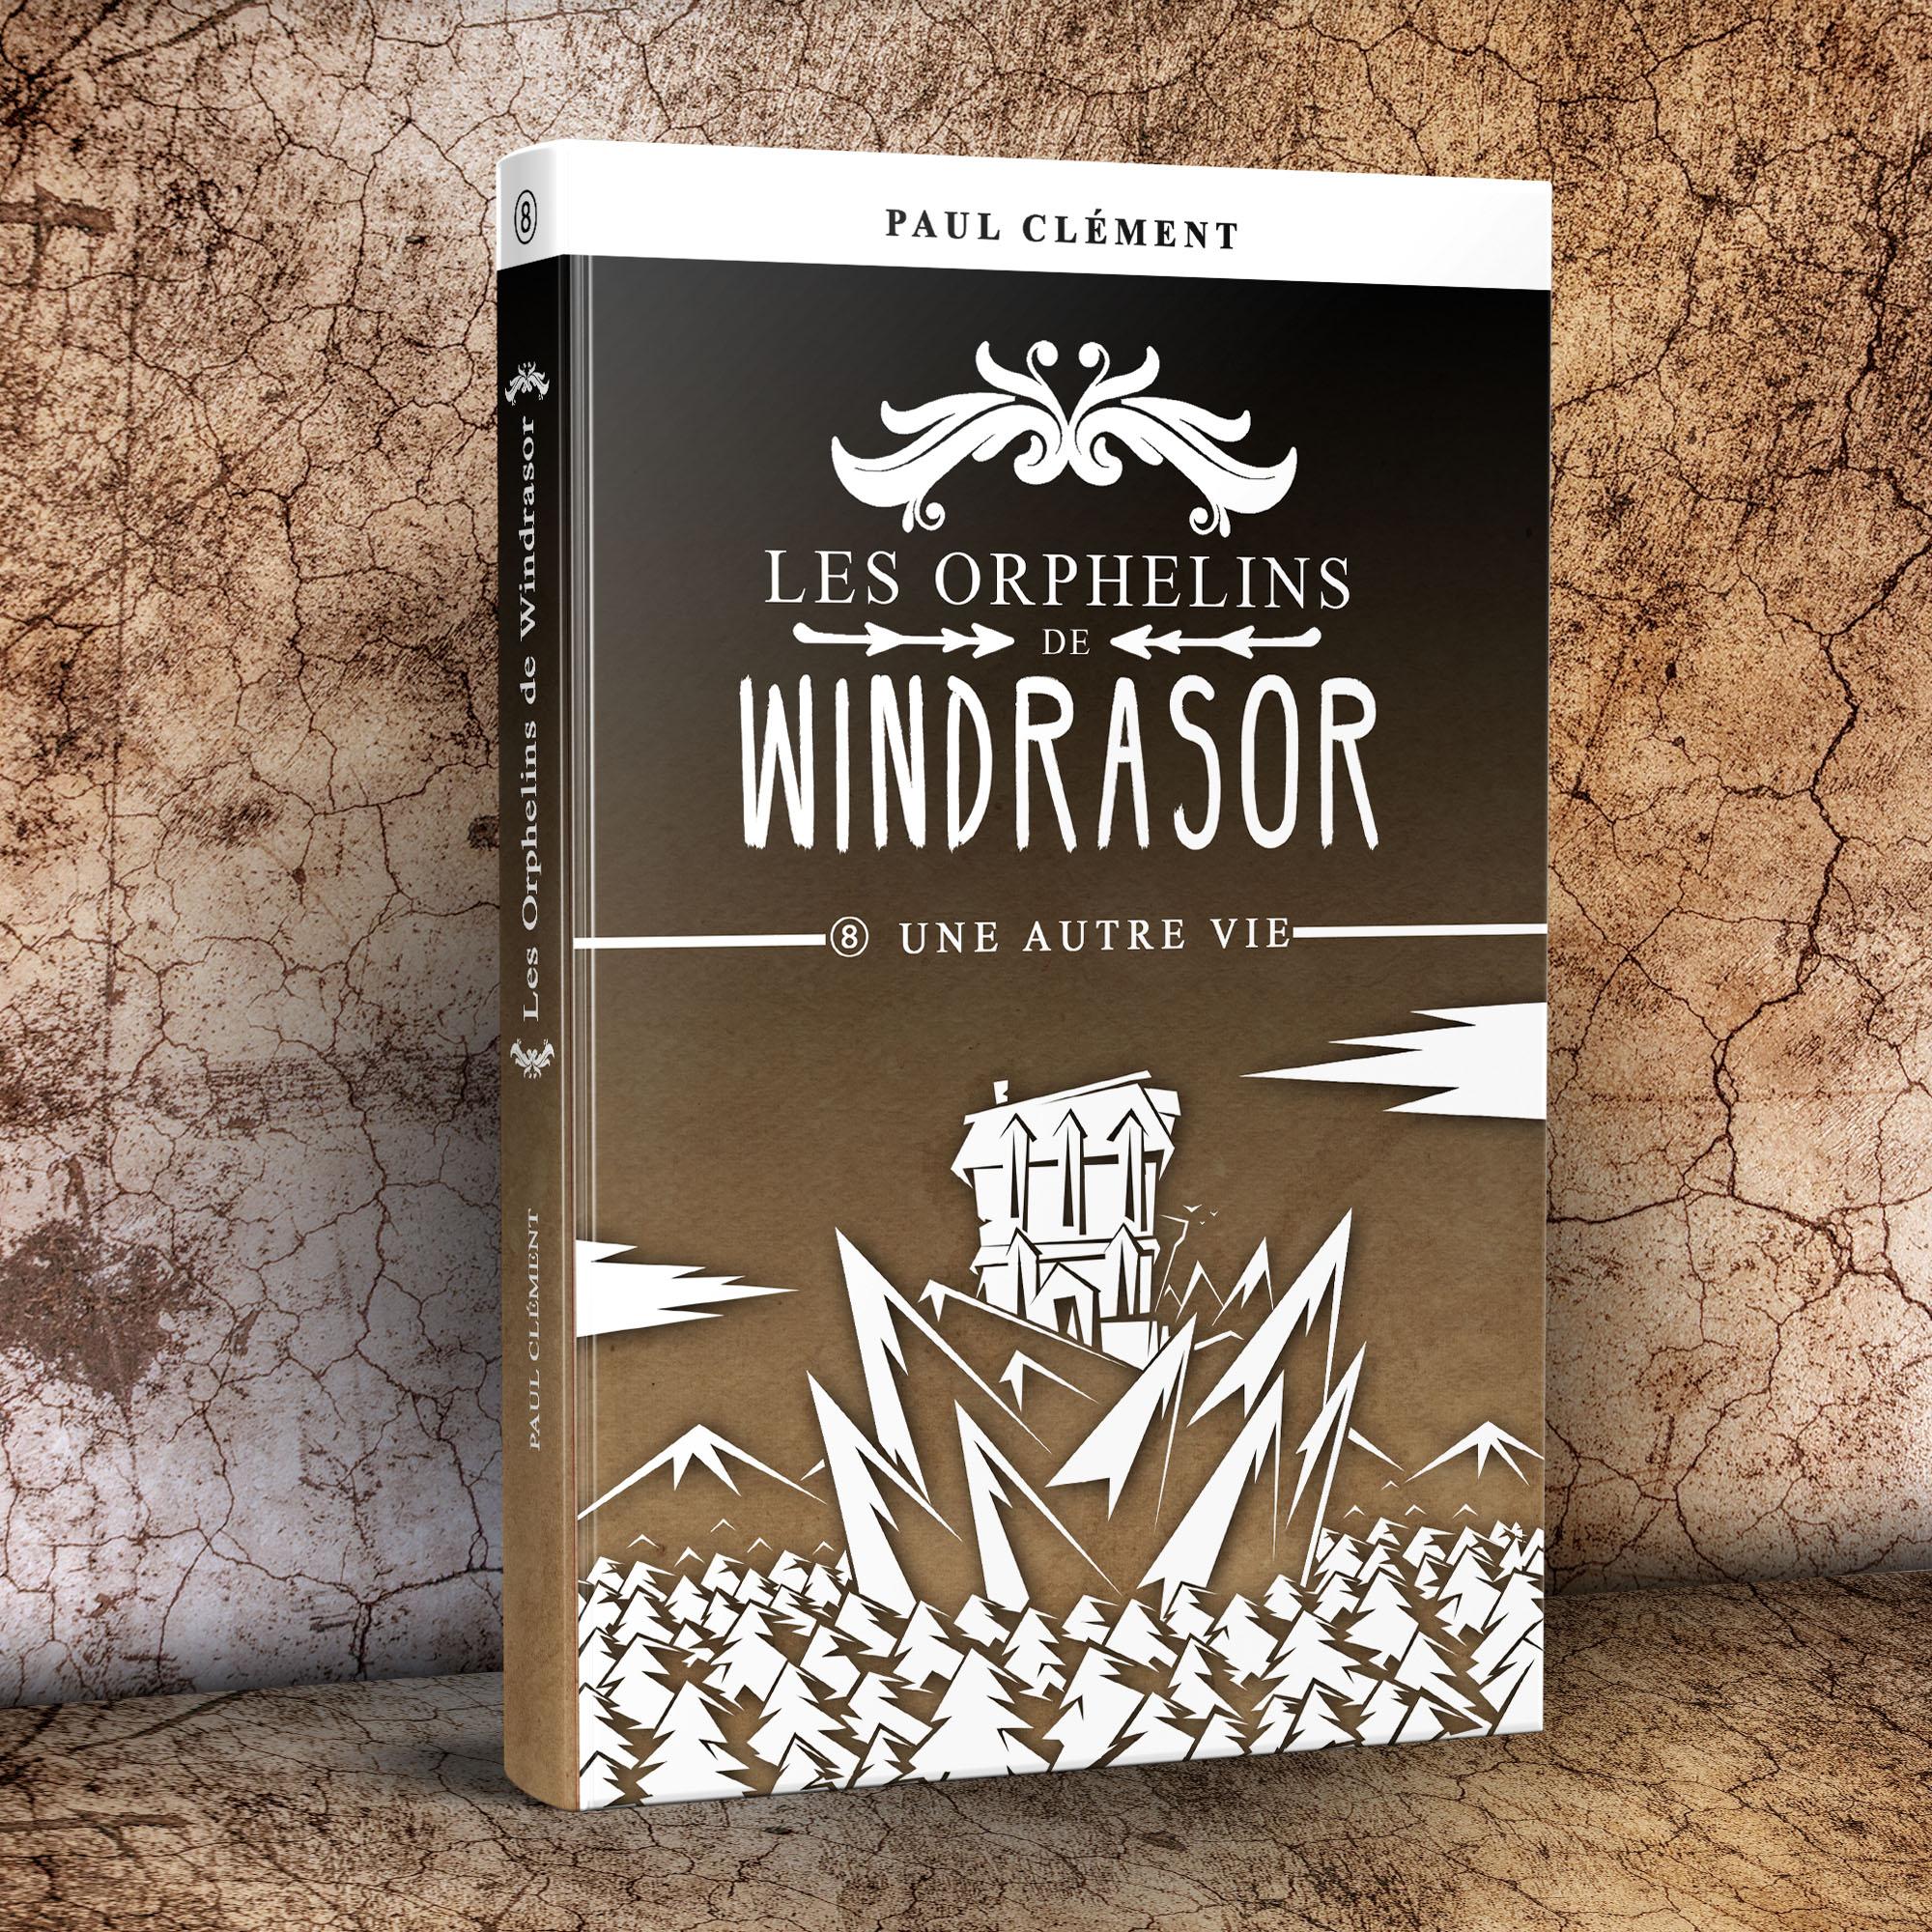 Les Orphelins de Windrasor Episode 8 : Une Autre Vie